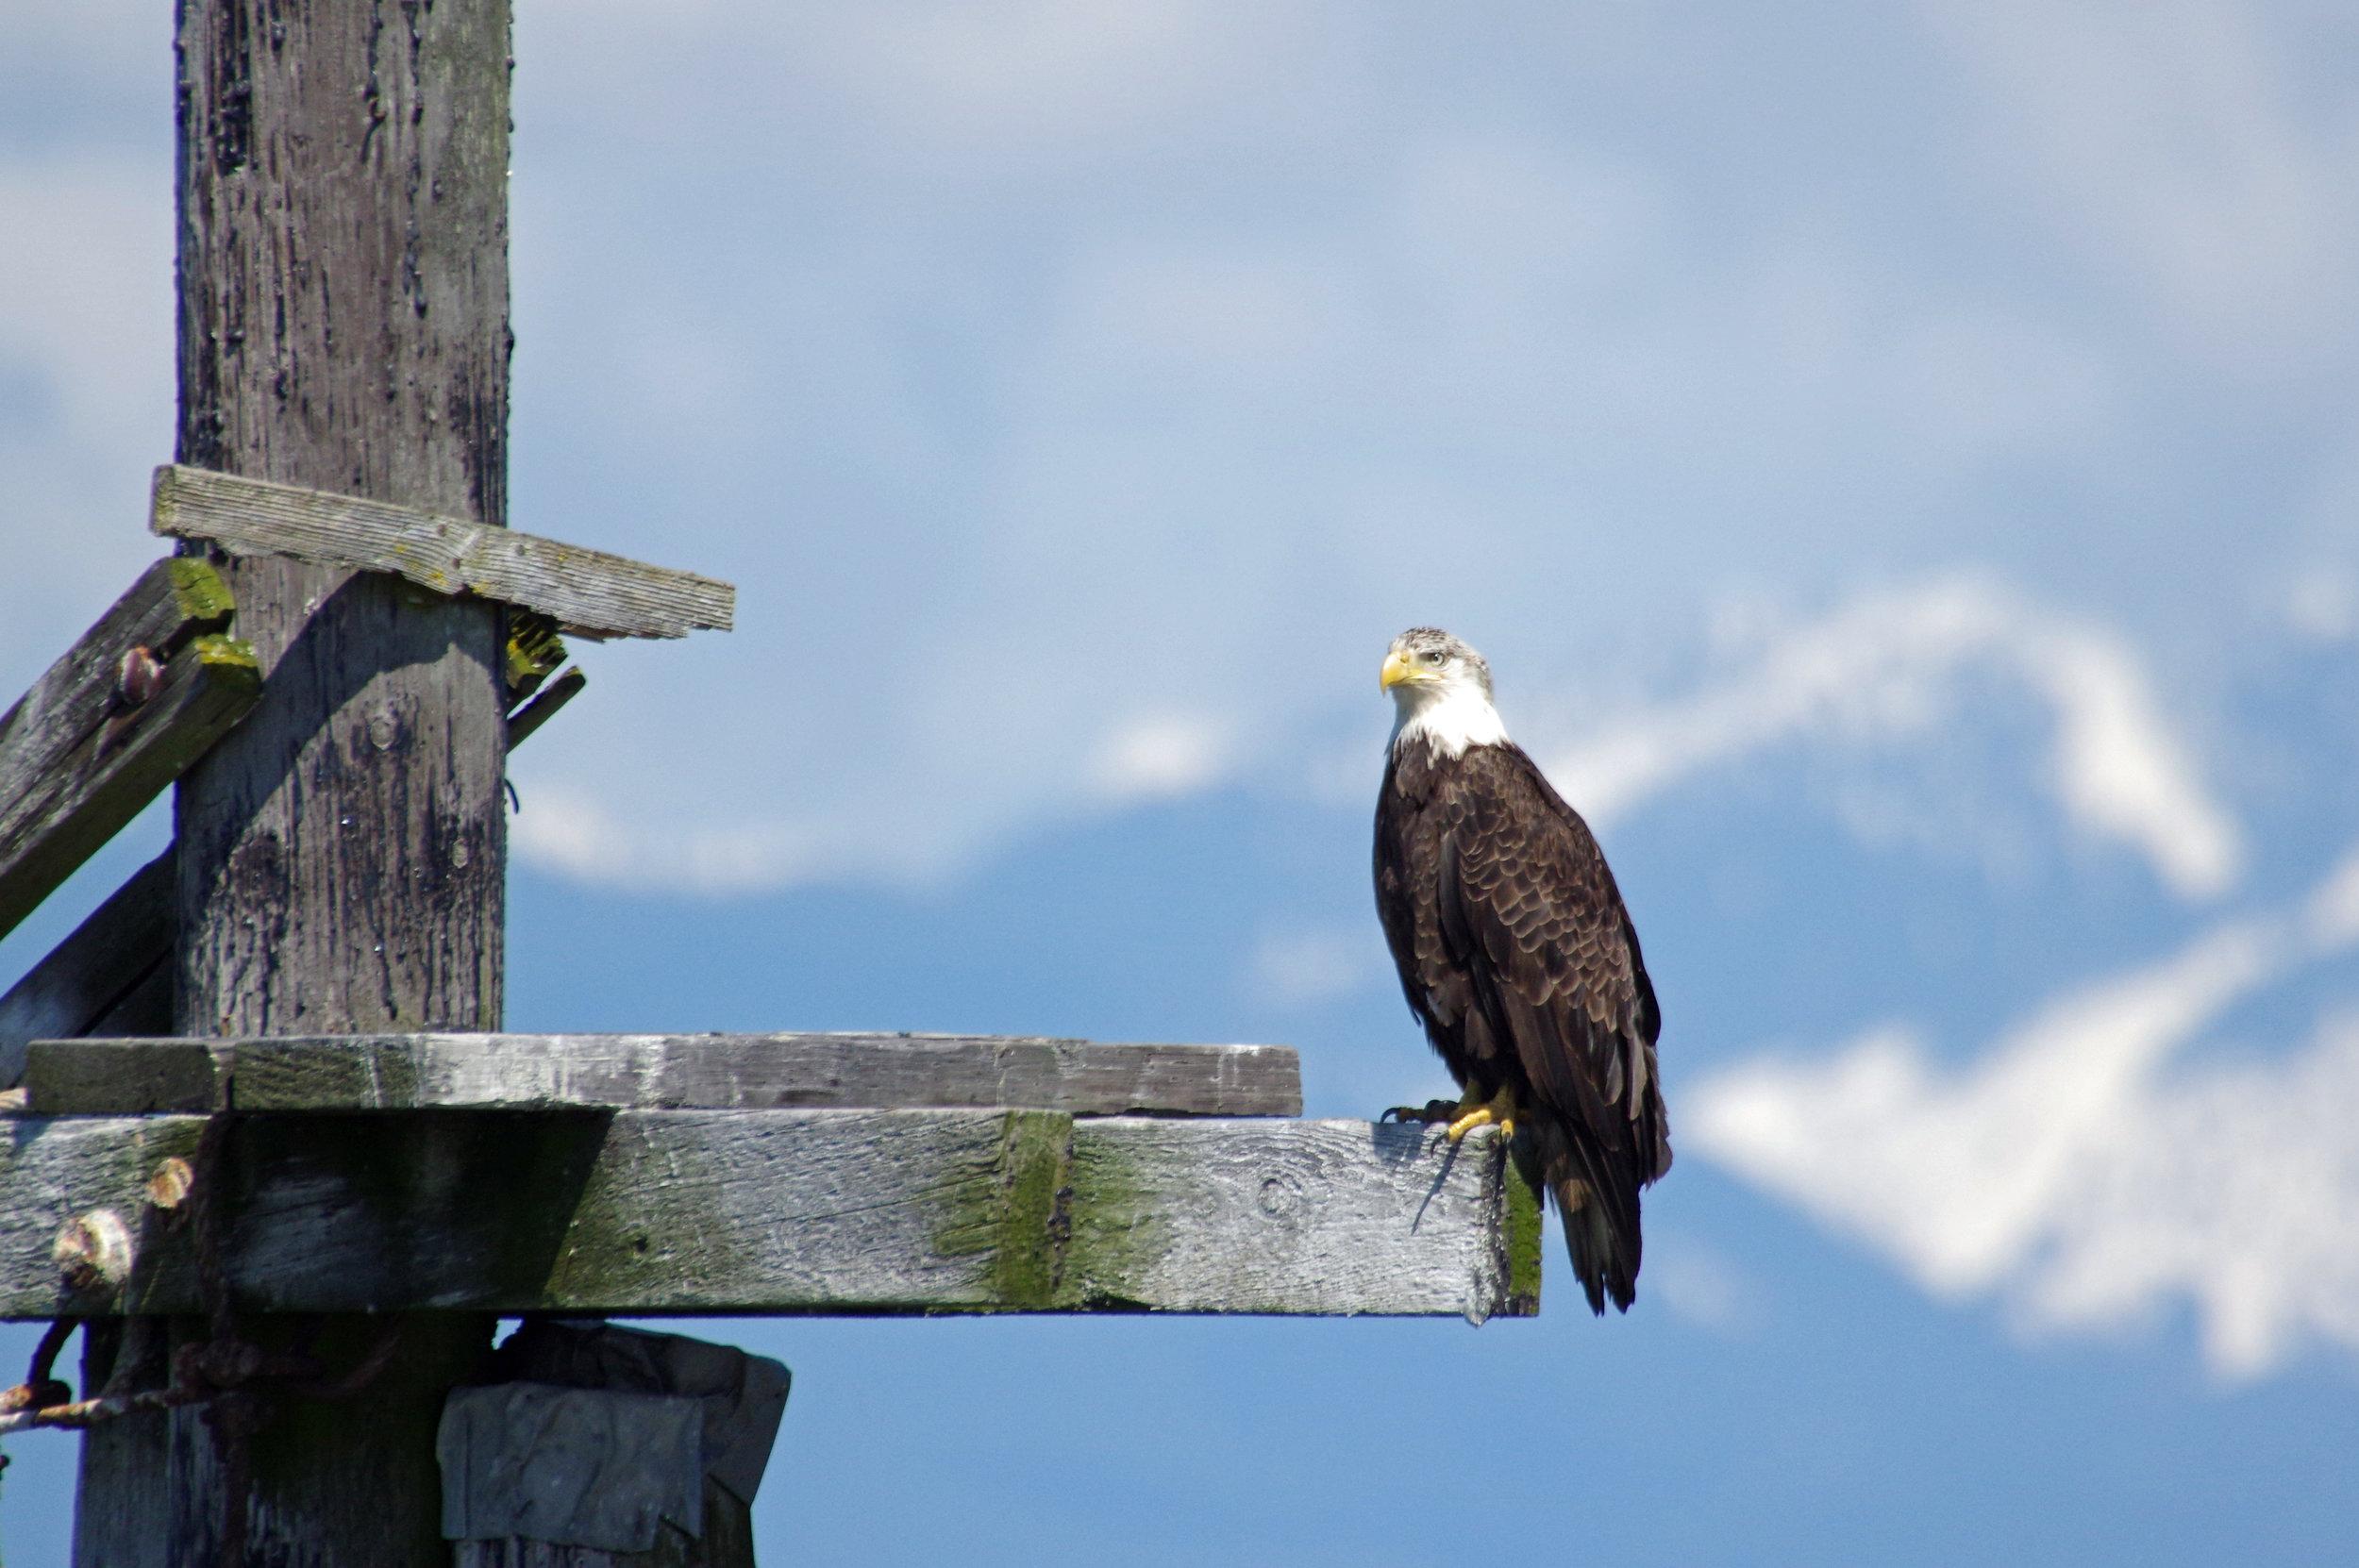 Bald Eagle #1